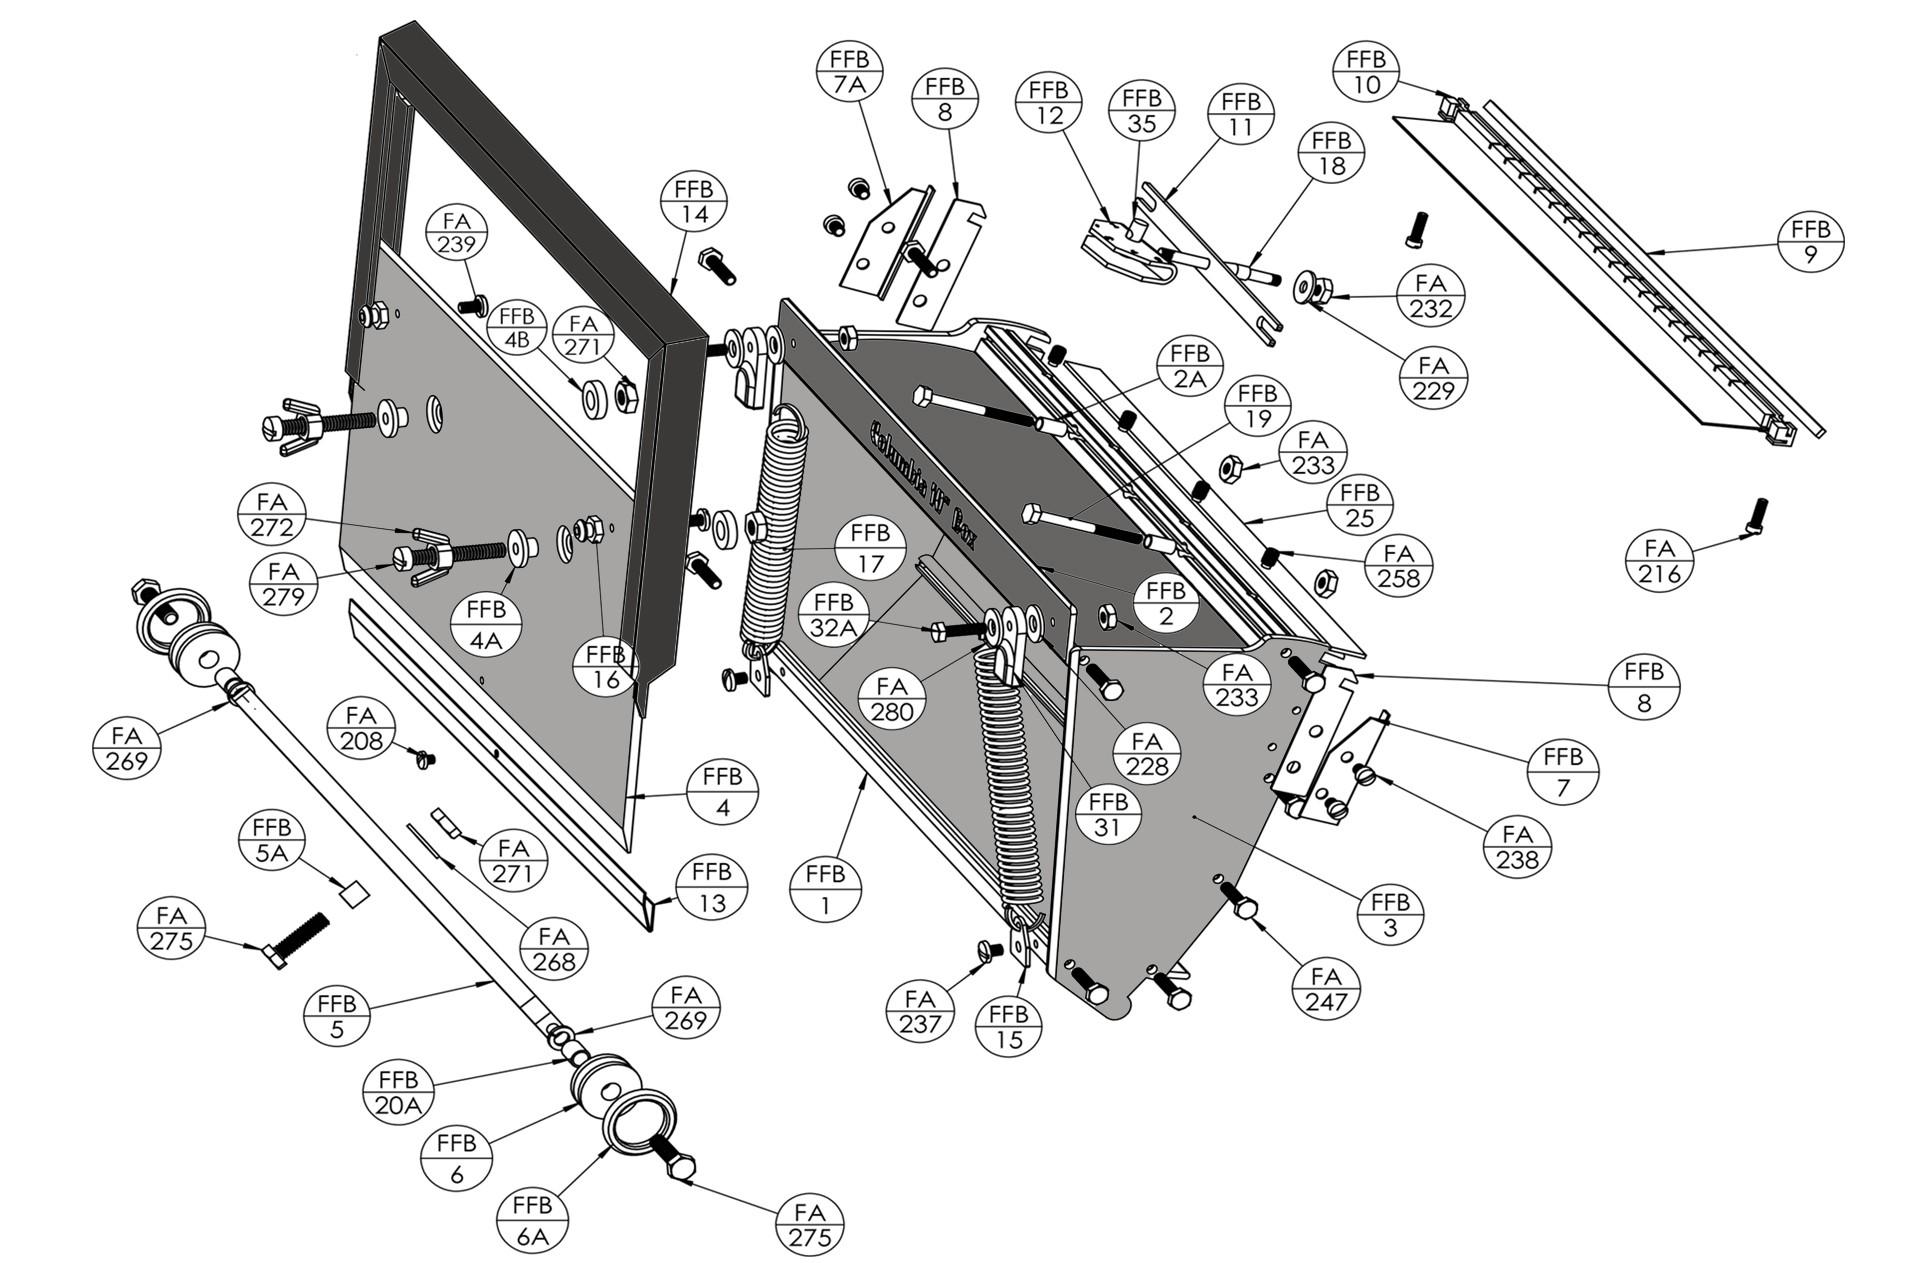 Columbia Flat Box Parts List